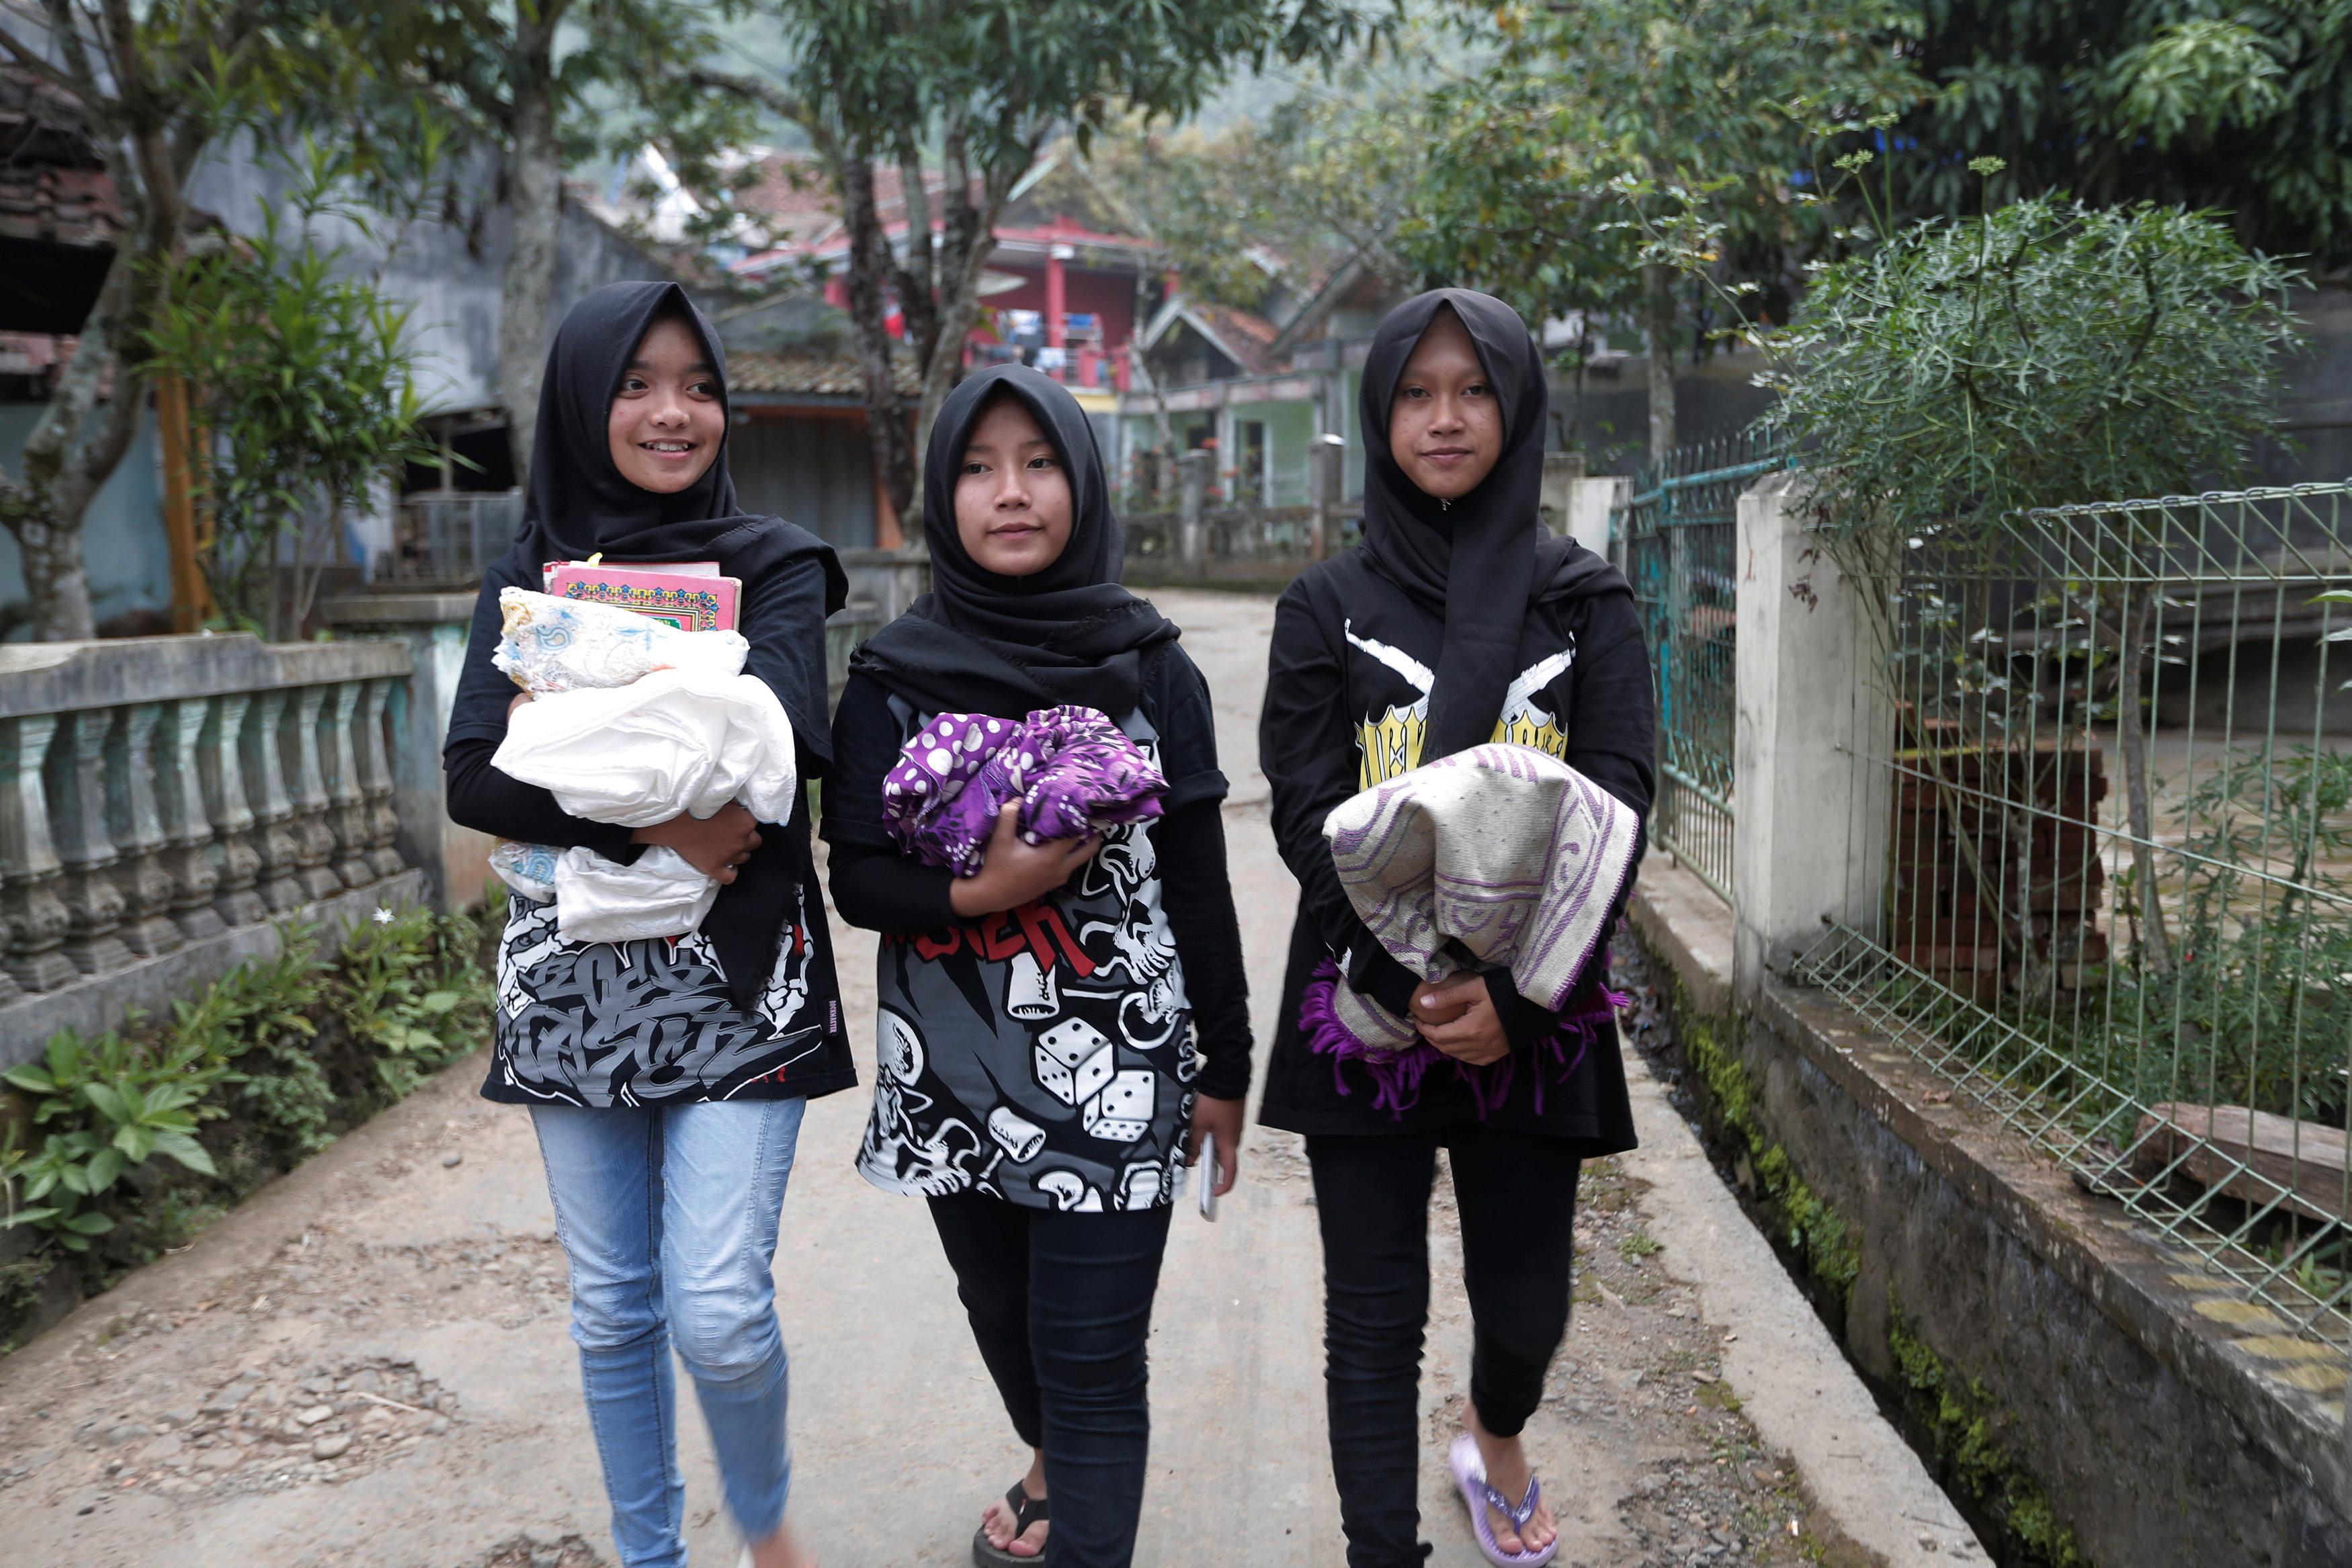 (L-R) Firdda Kurnia, Euis Siti Aisyah, and Widi Rahmawati, members of the metal hijab band Voice of Baceprot walk before they